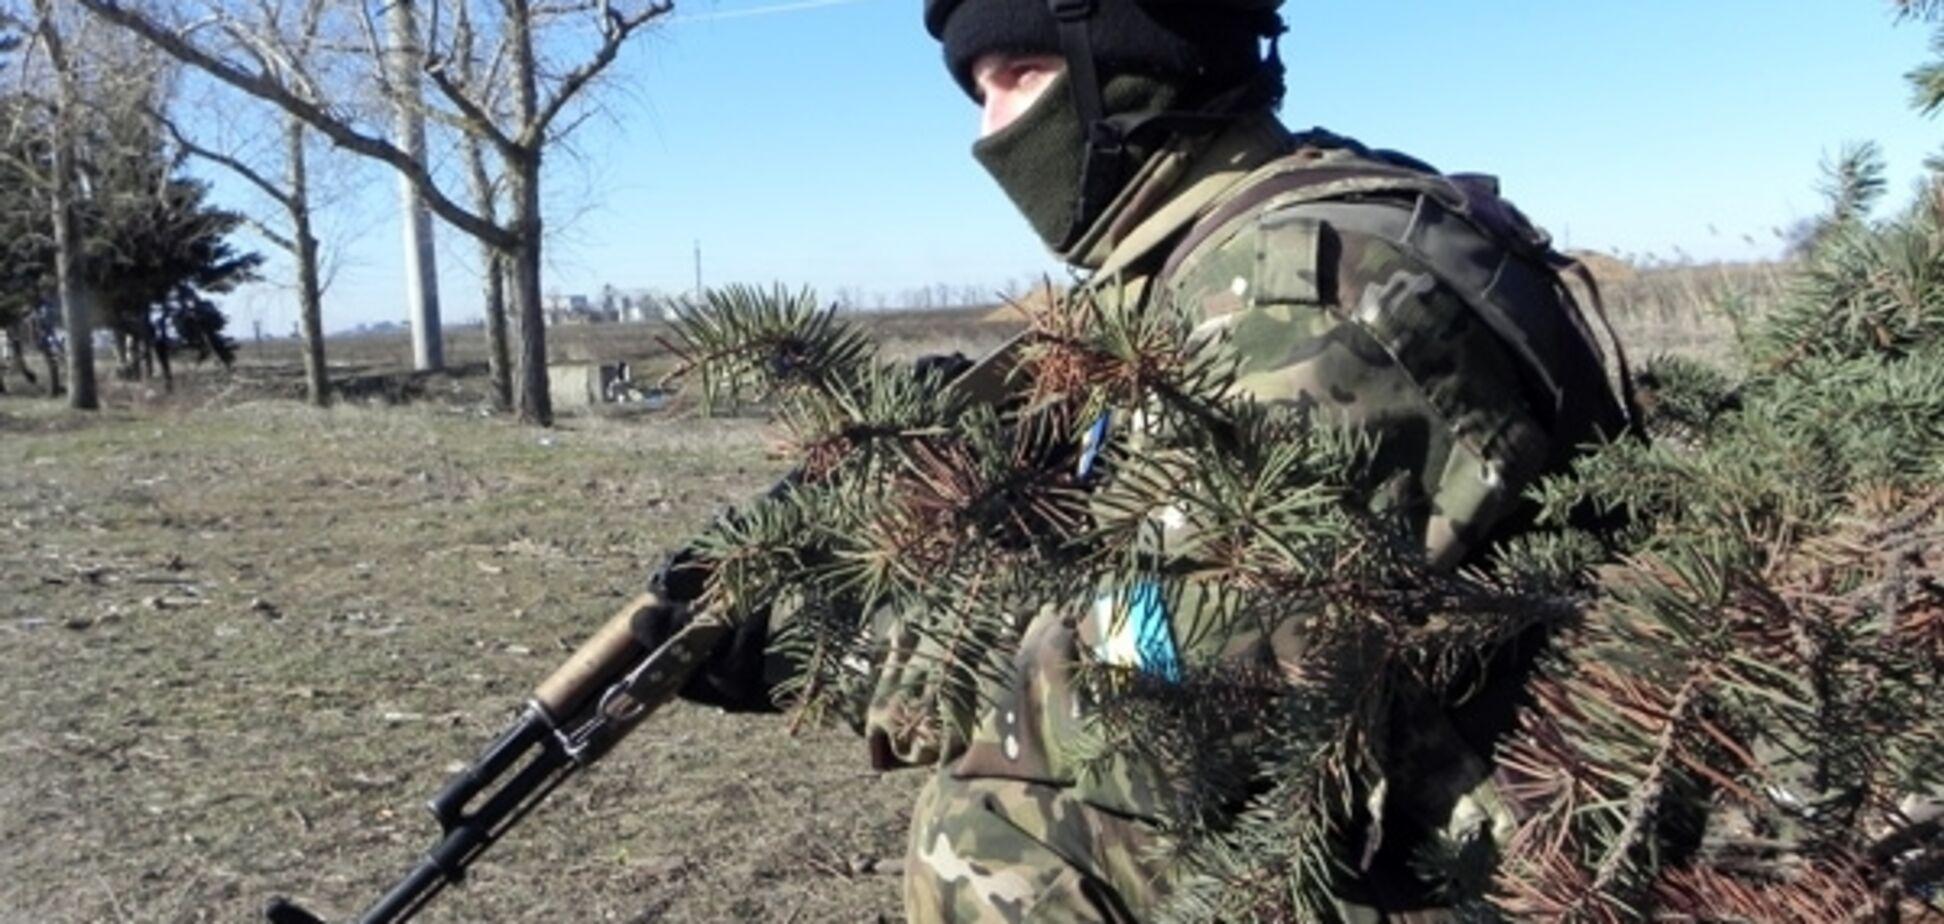 Війна за незалежність України: на Донбасі терористи влаштували провокацію ЗСУ